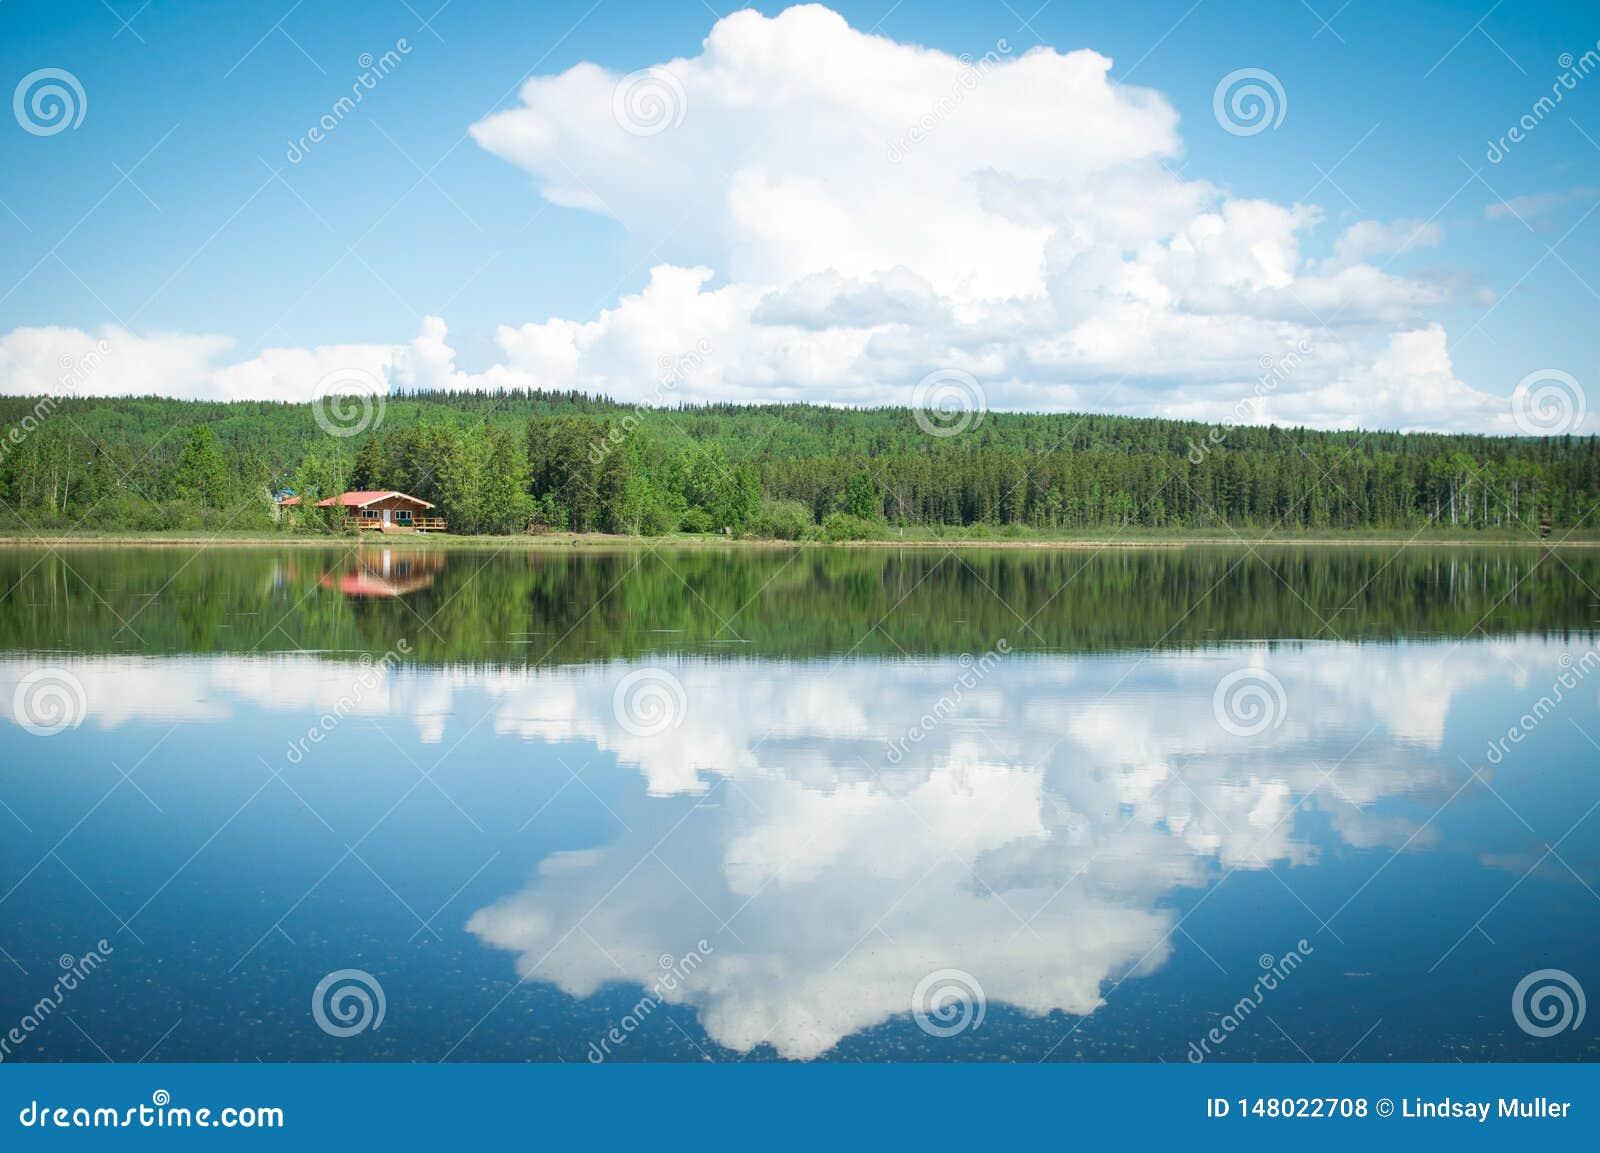 Abgeschlossene Kabine auf einem reflektierenden See in Yukon, Kanada